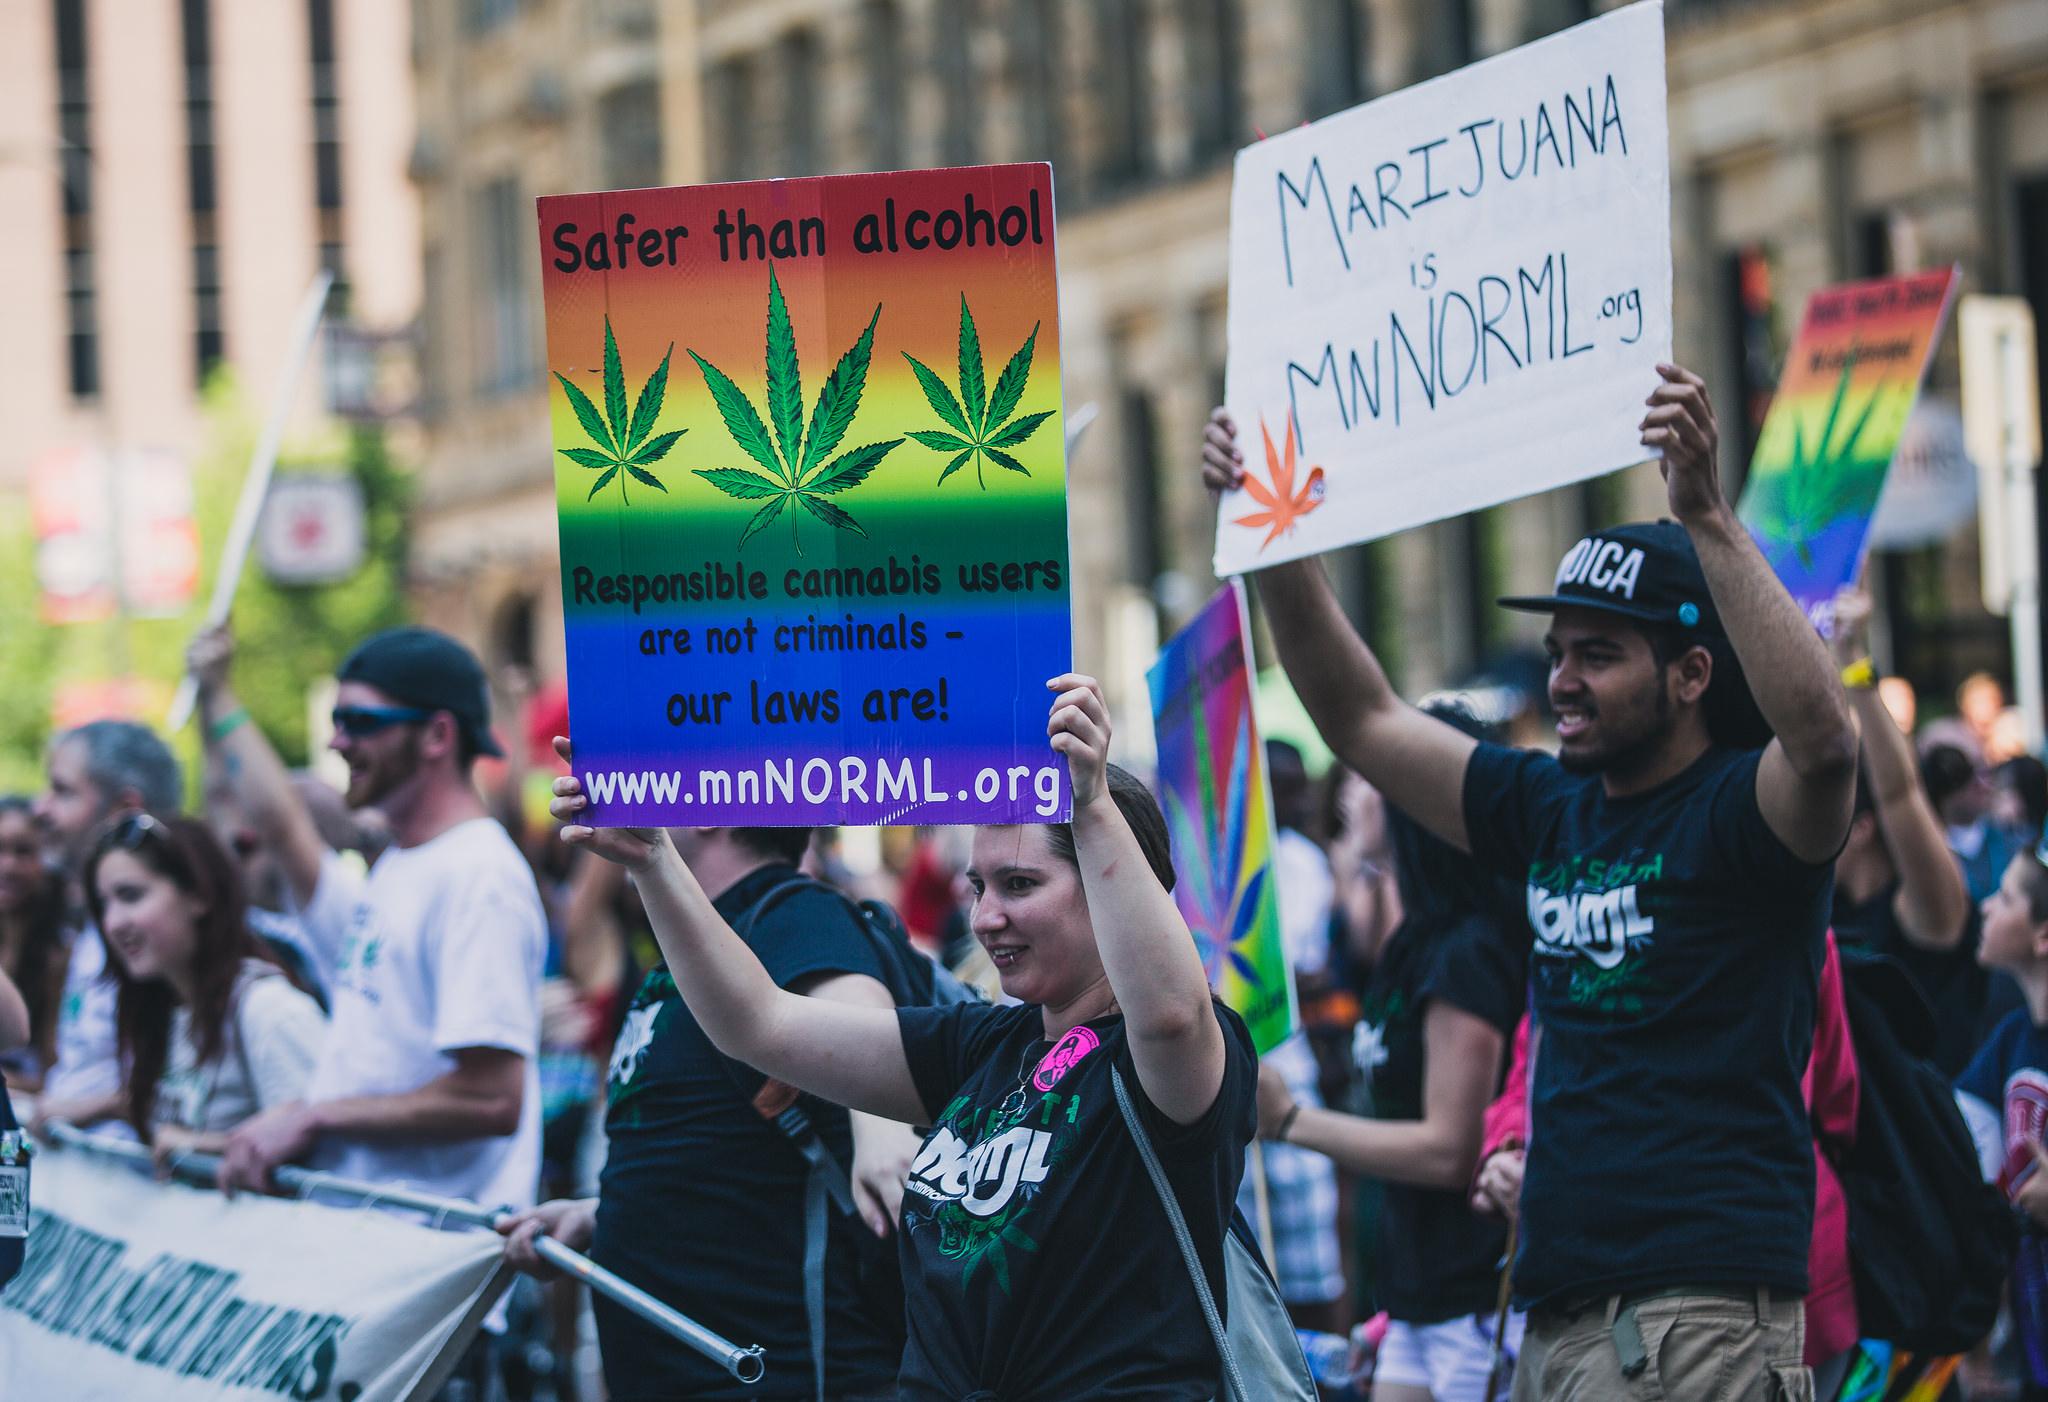 Cannabis: e se la trattassimo come l'alcol?